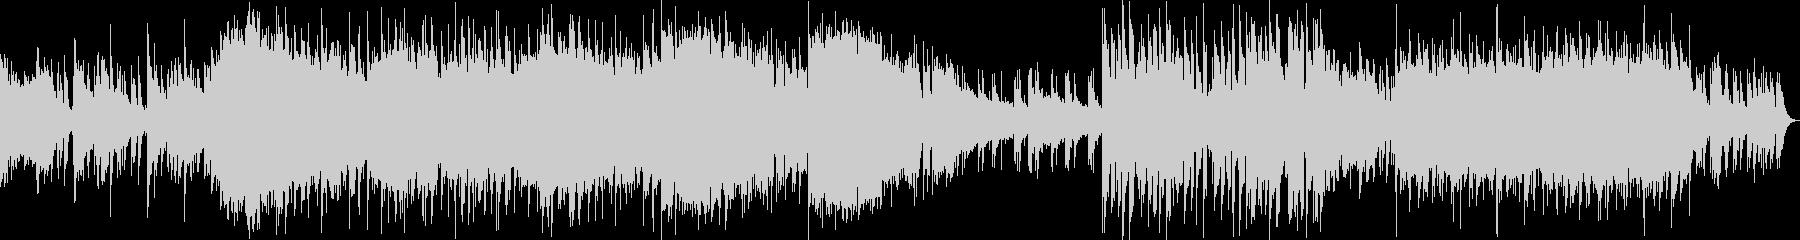 ドシっとしたダークでヘヴィなメタル交響曲の未再生の波形